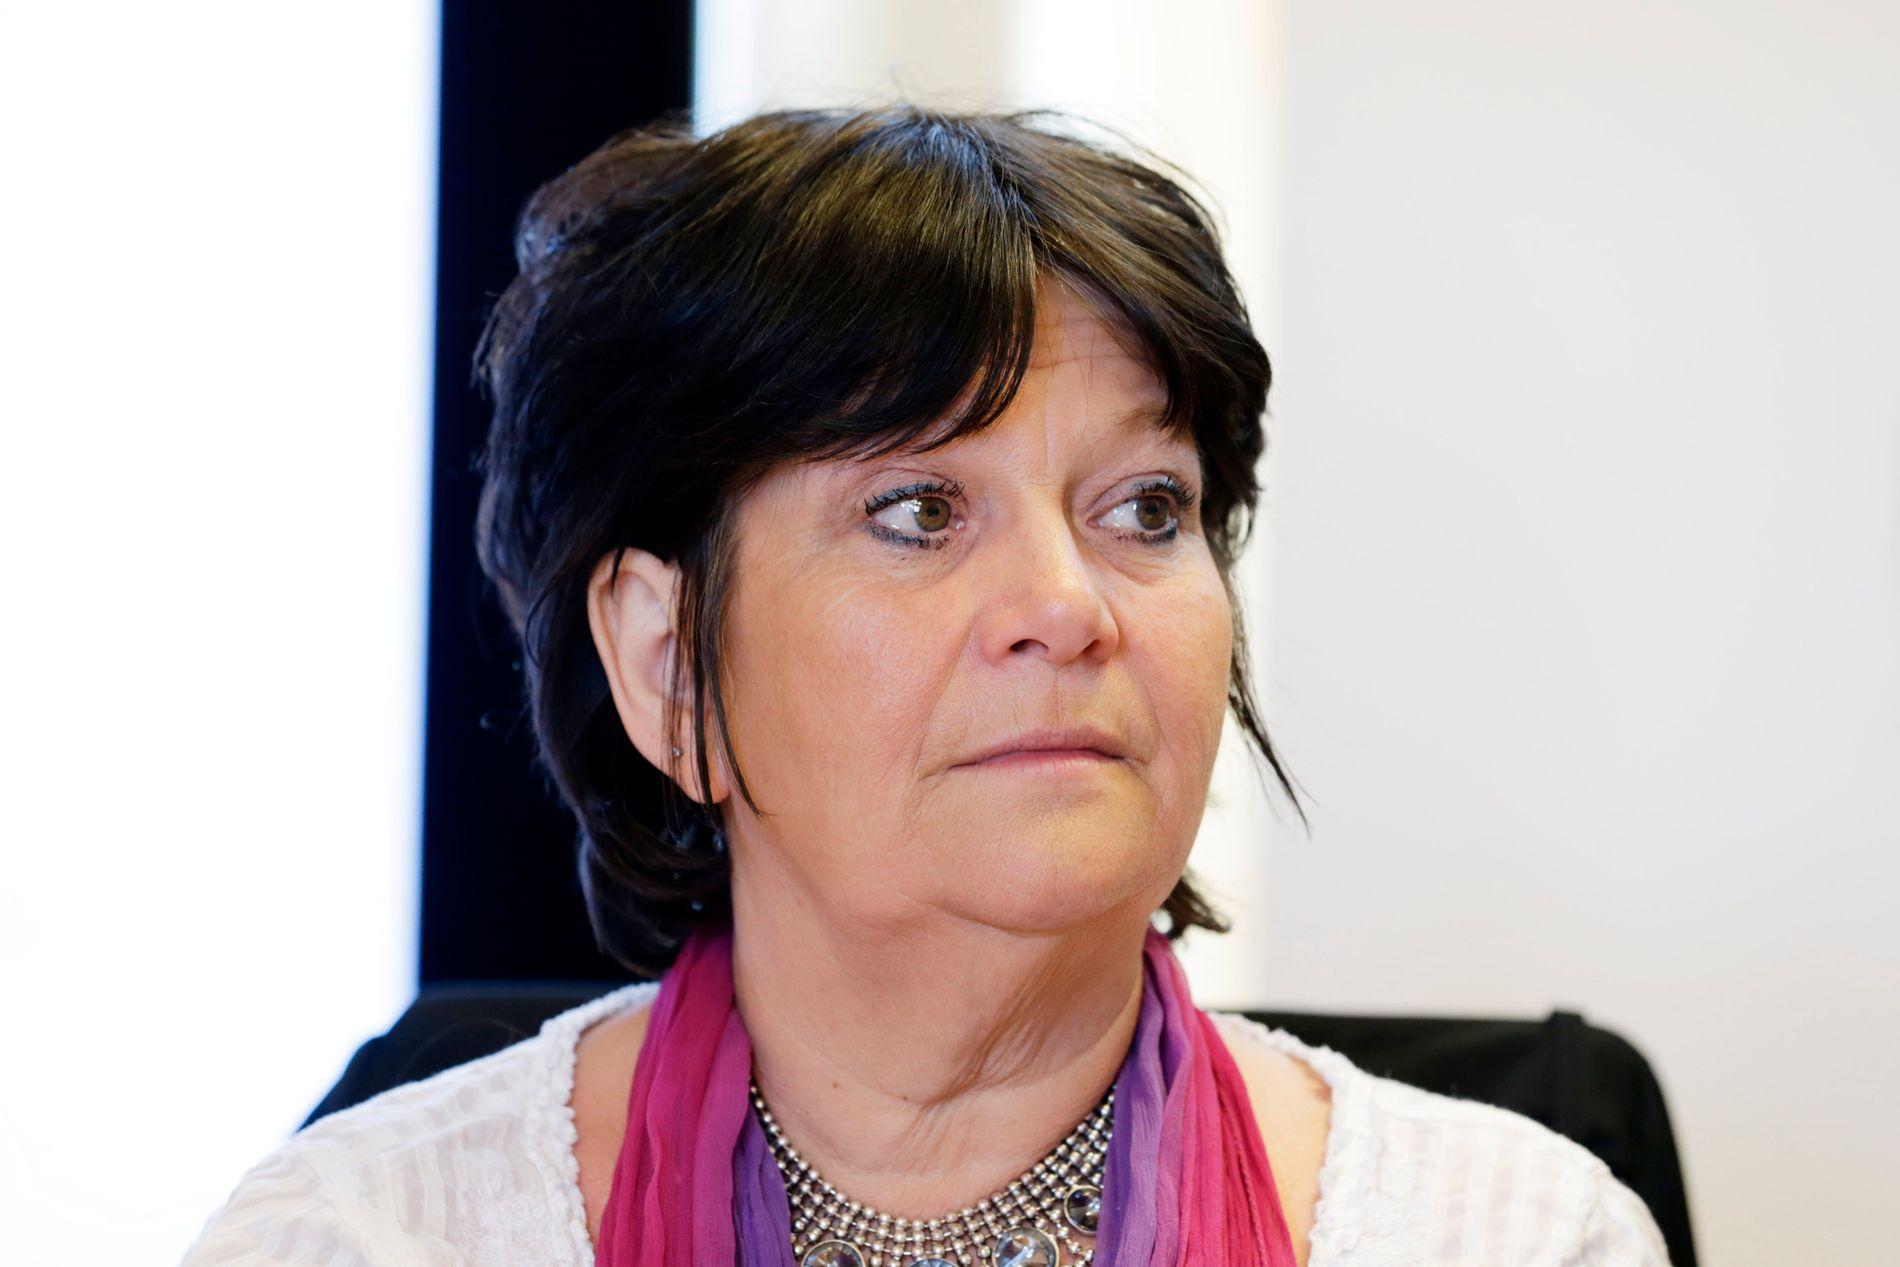 LETTET: Da Godskesen fikk høre fra sin partigruppe i Europrådet at Frp ikke uten videre kunne kaste henne var det en stor lettelse, sier hun.